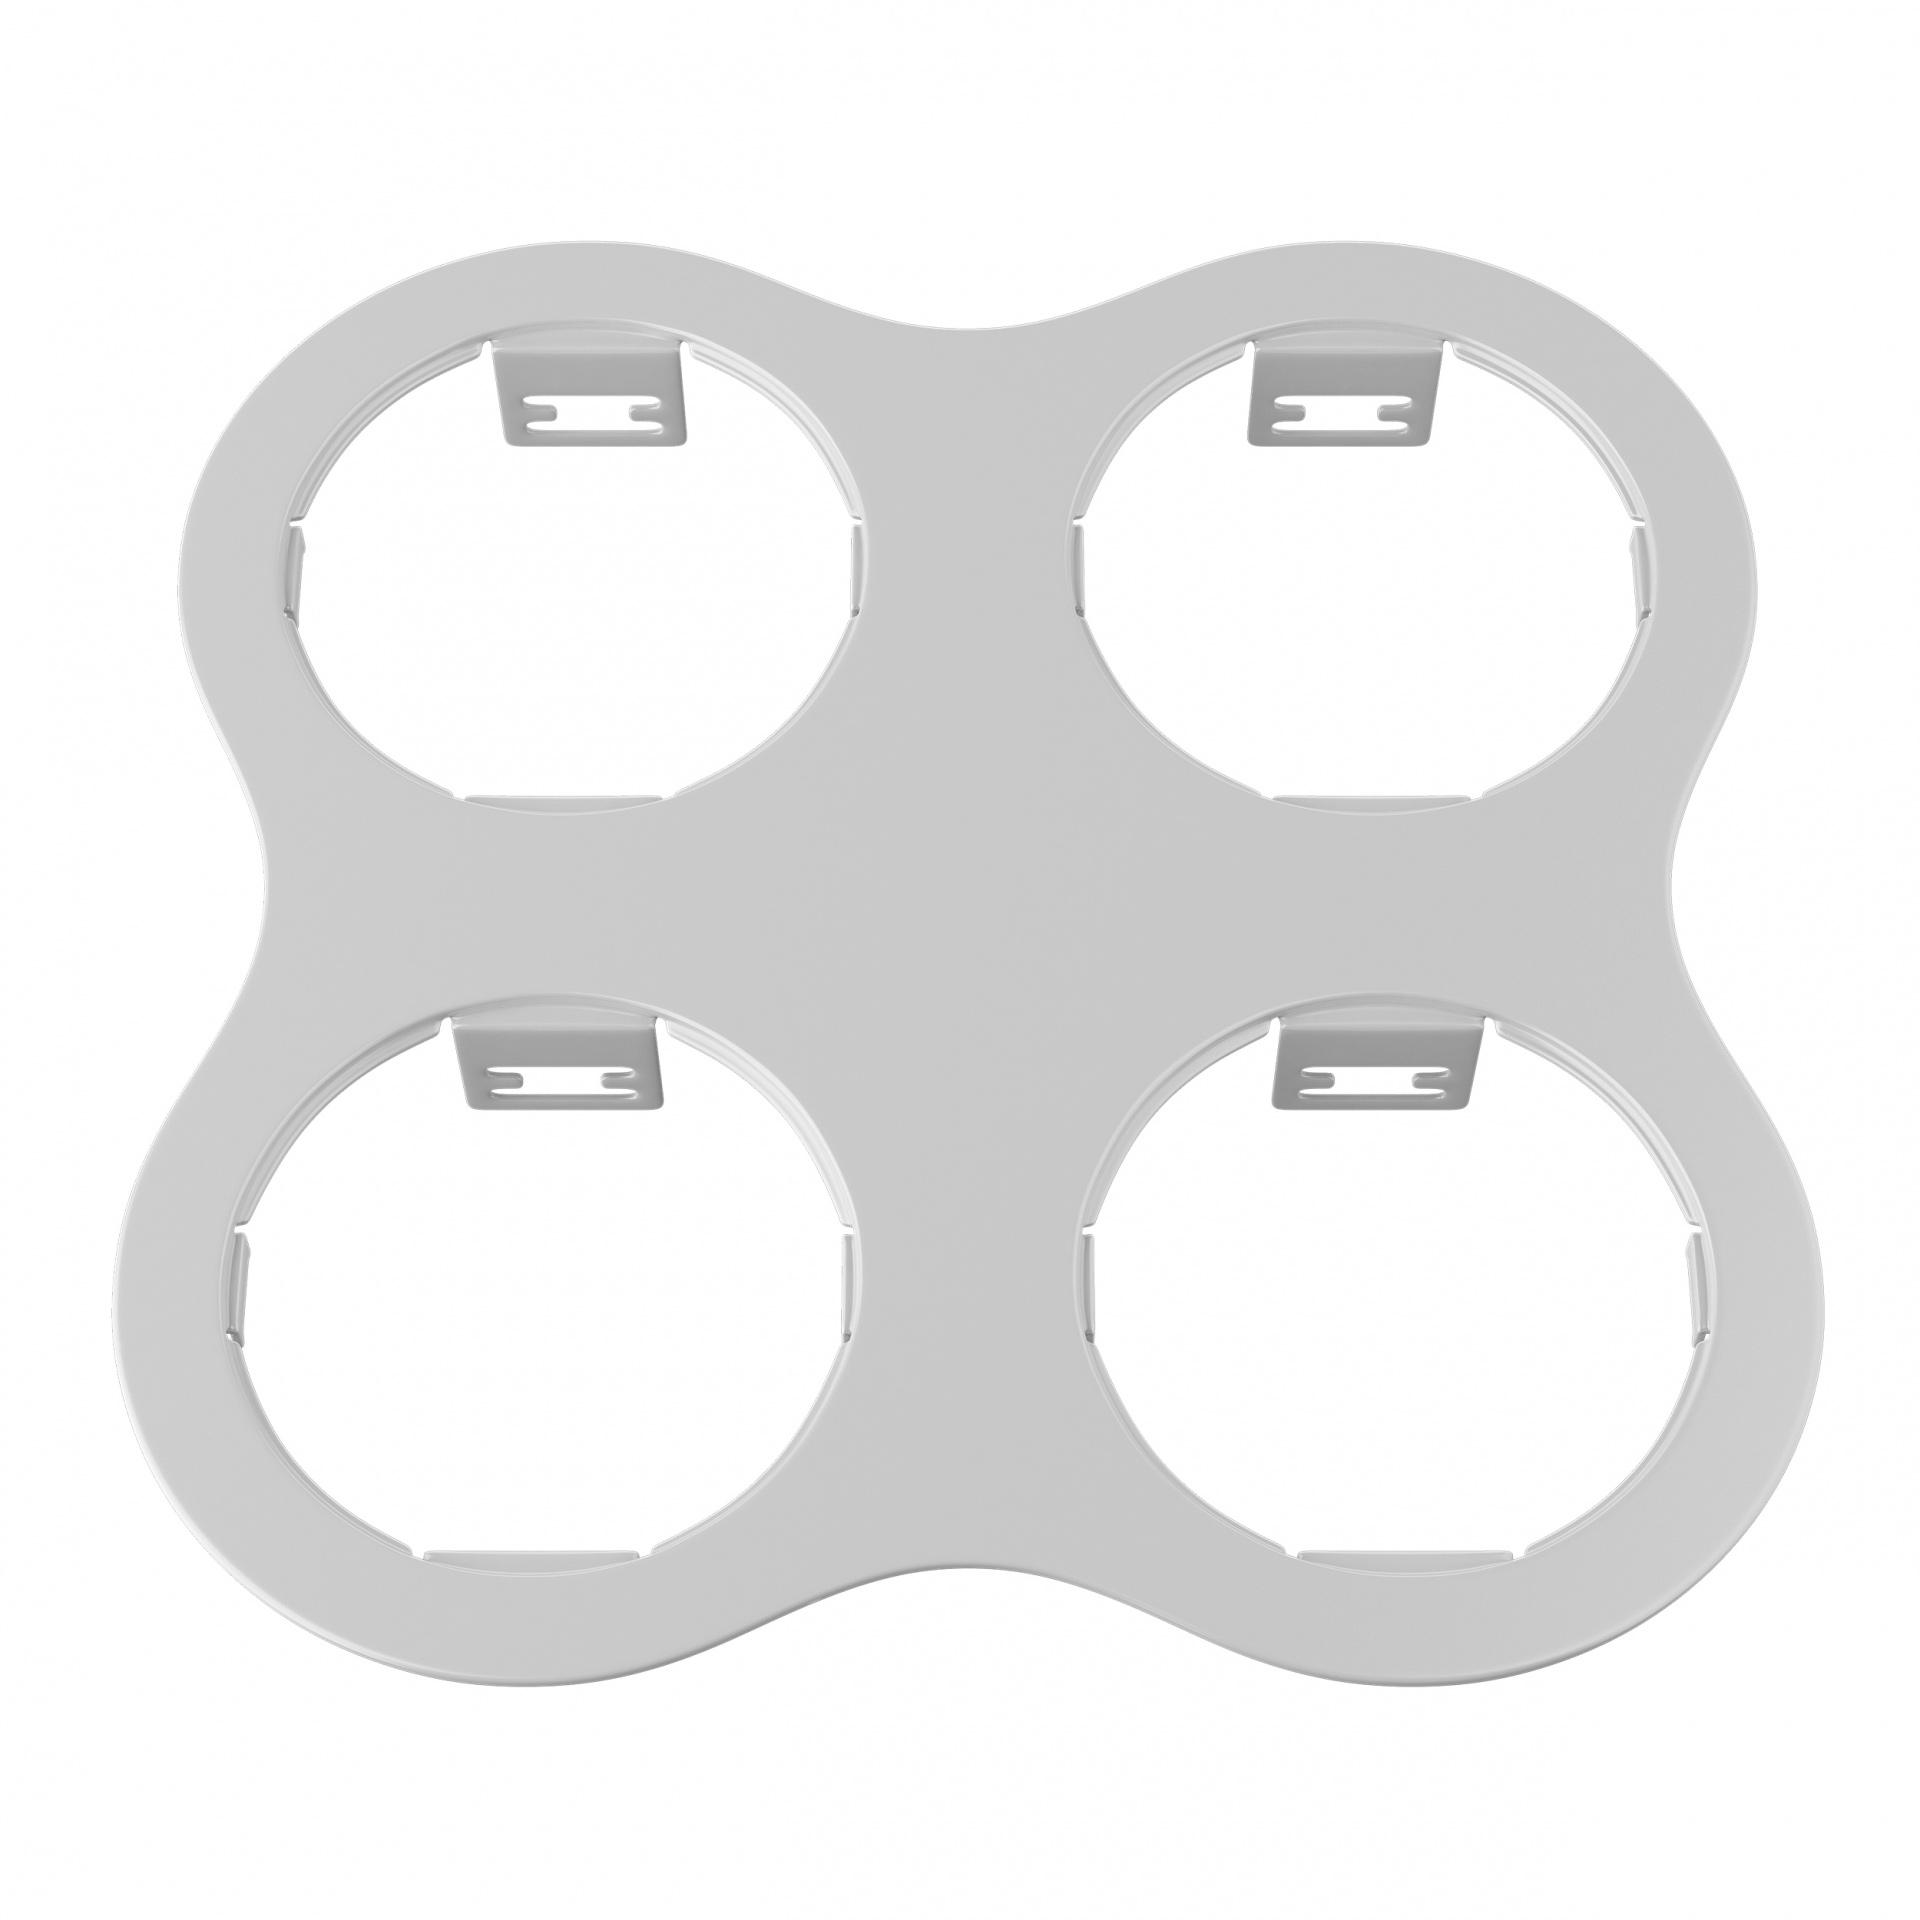 Рамка Domino round 2x2 МR16 белый Lightstar 214646, купить в СПб, Москве, с доставкой, Санкт-Петербург, интернет-магазин люстр и светильников Starlight, фото в жизни